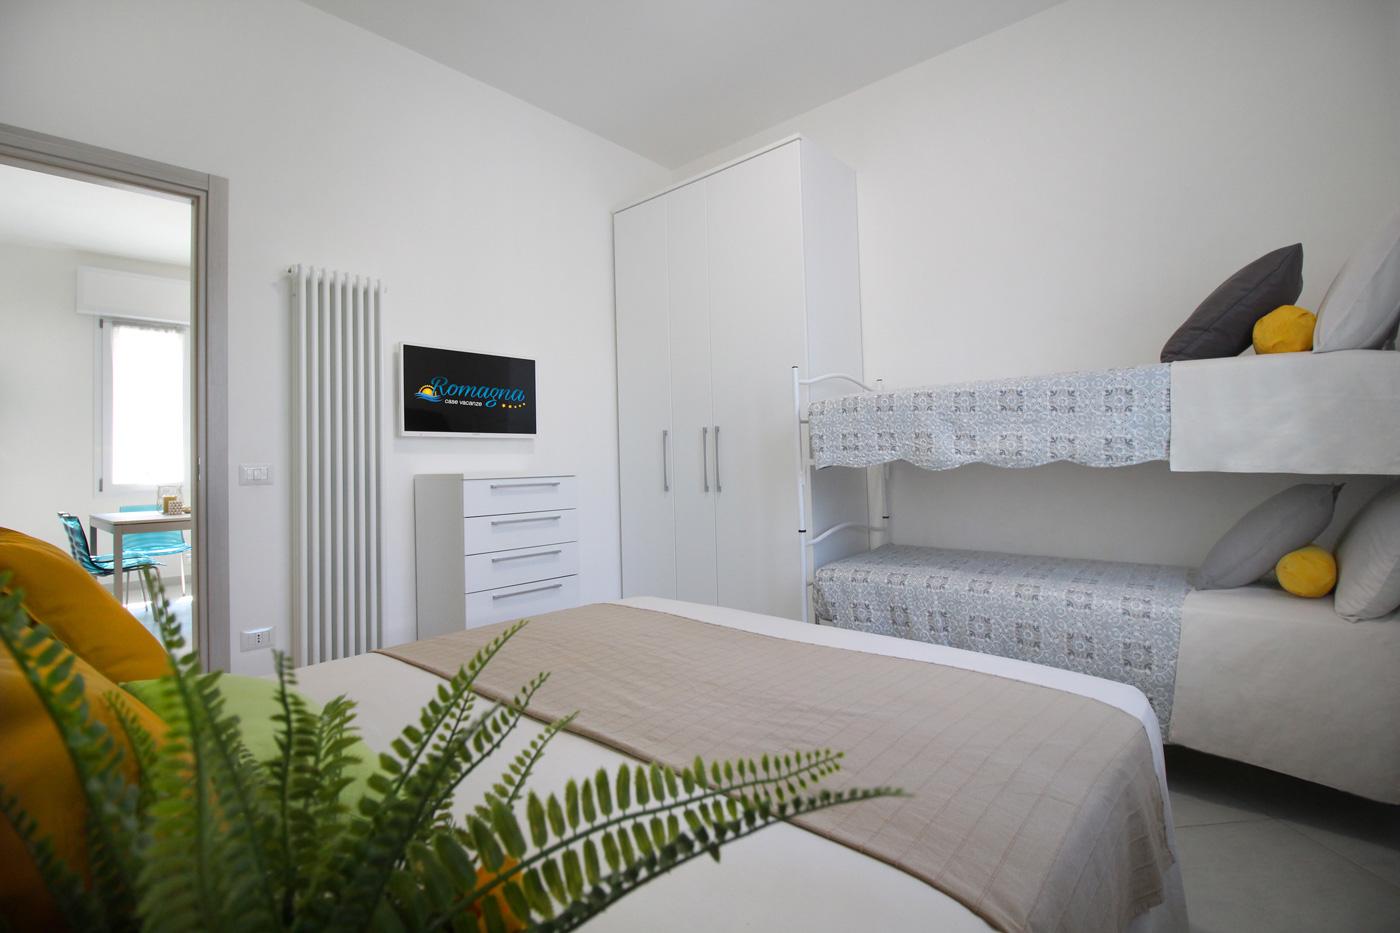 Appartamento samantha_Romagna case vacanze_IMG_7396